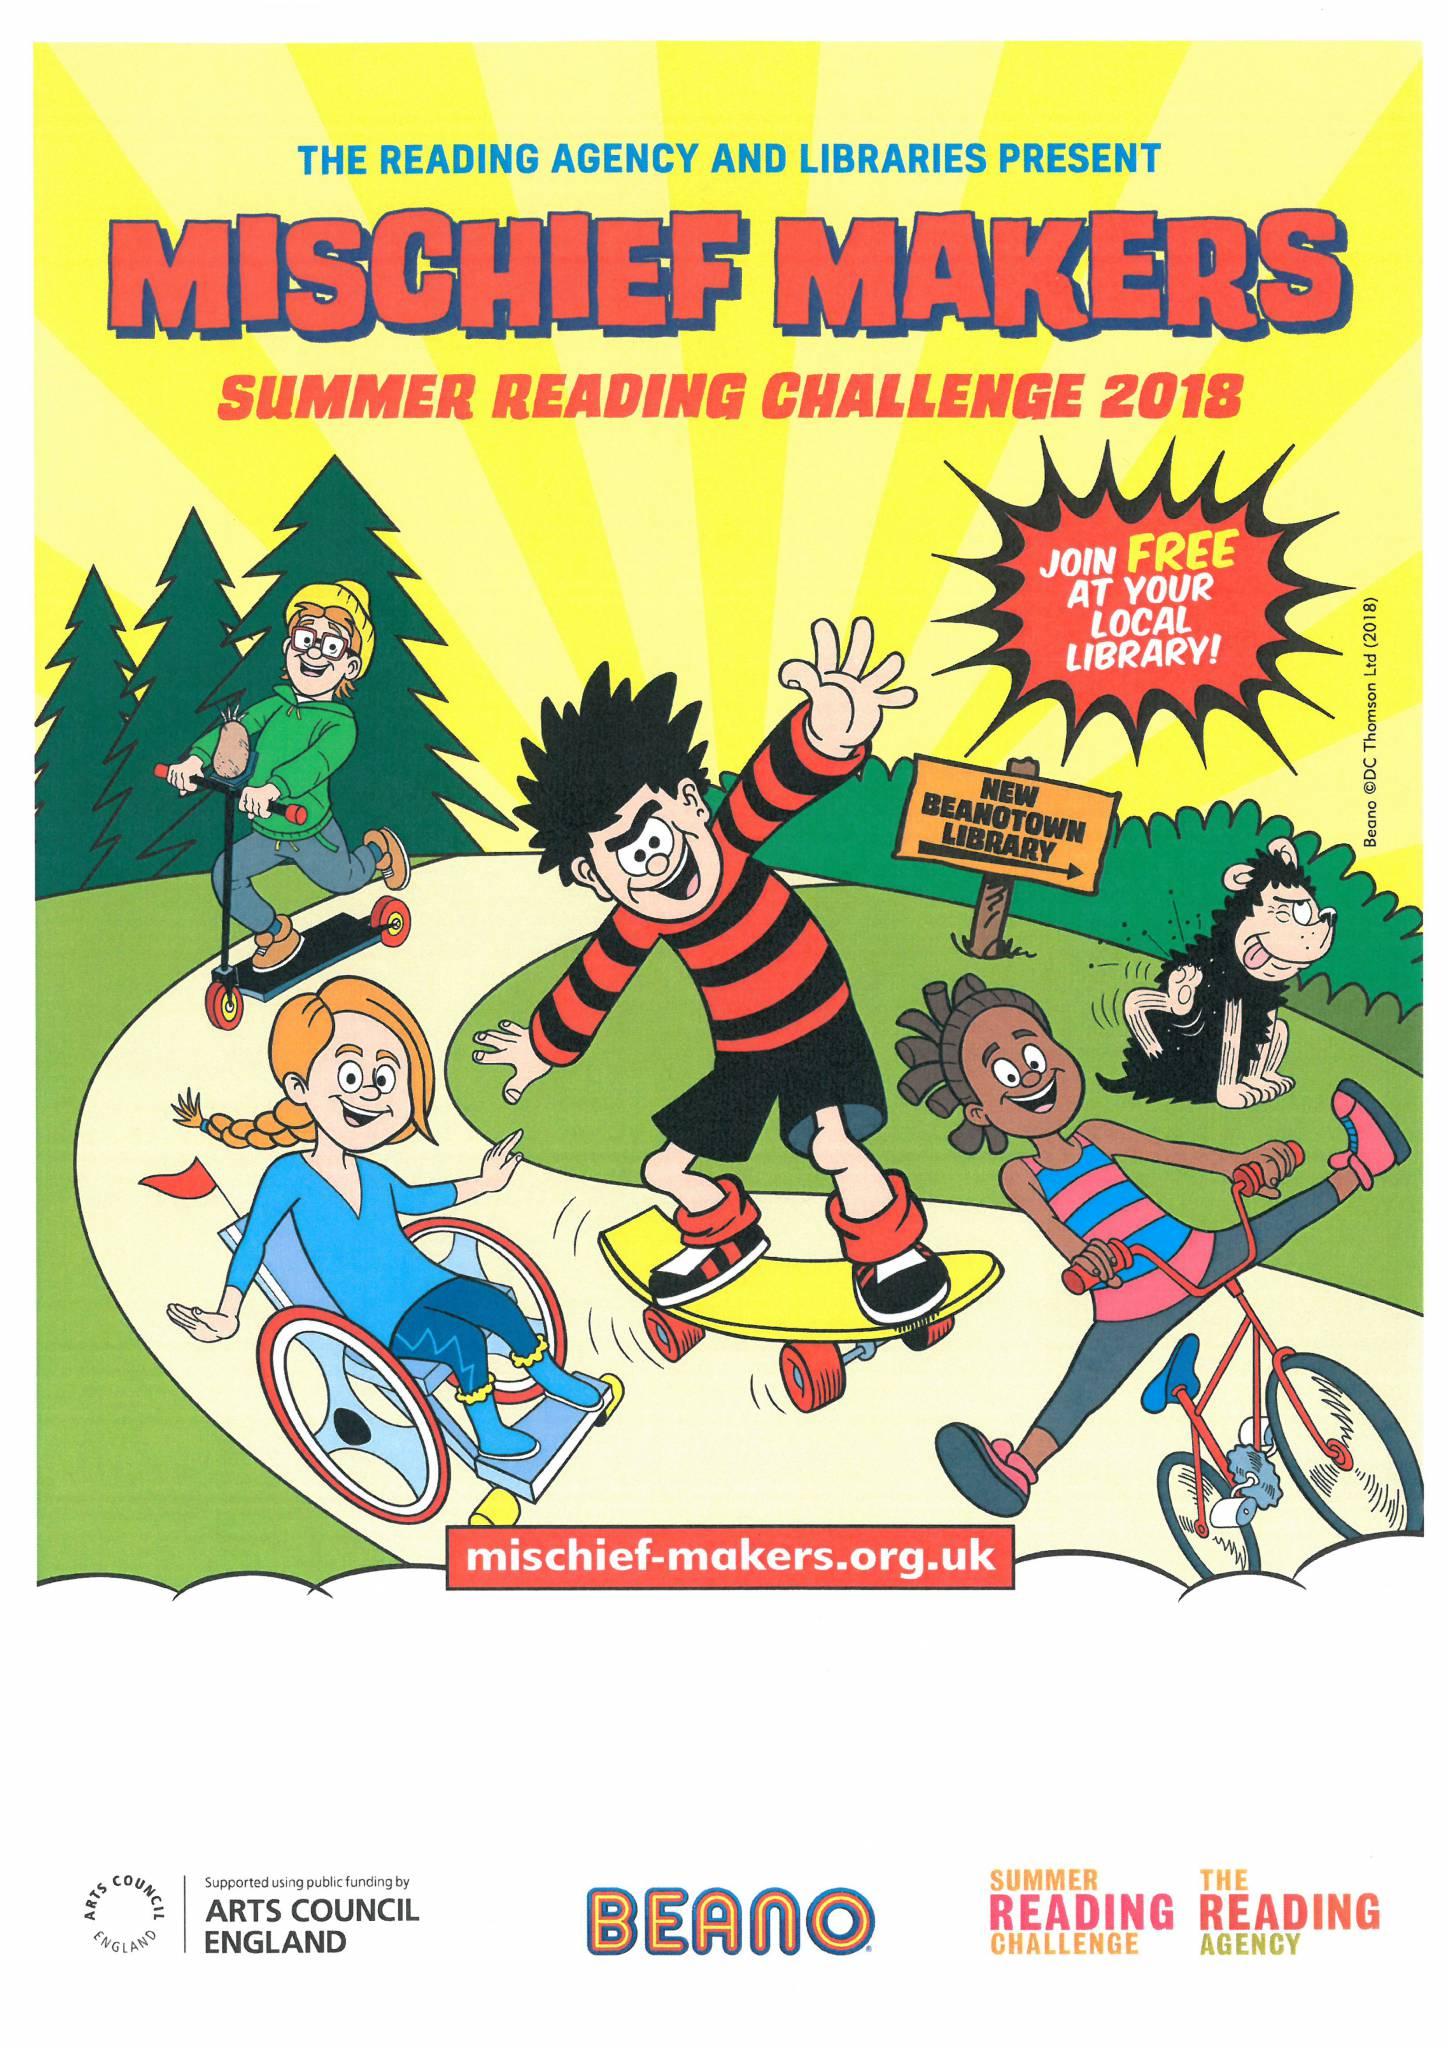 Summer Reading Challenge: Mischief Makers